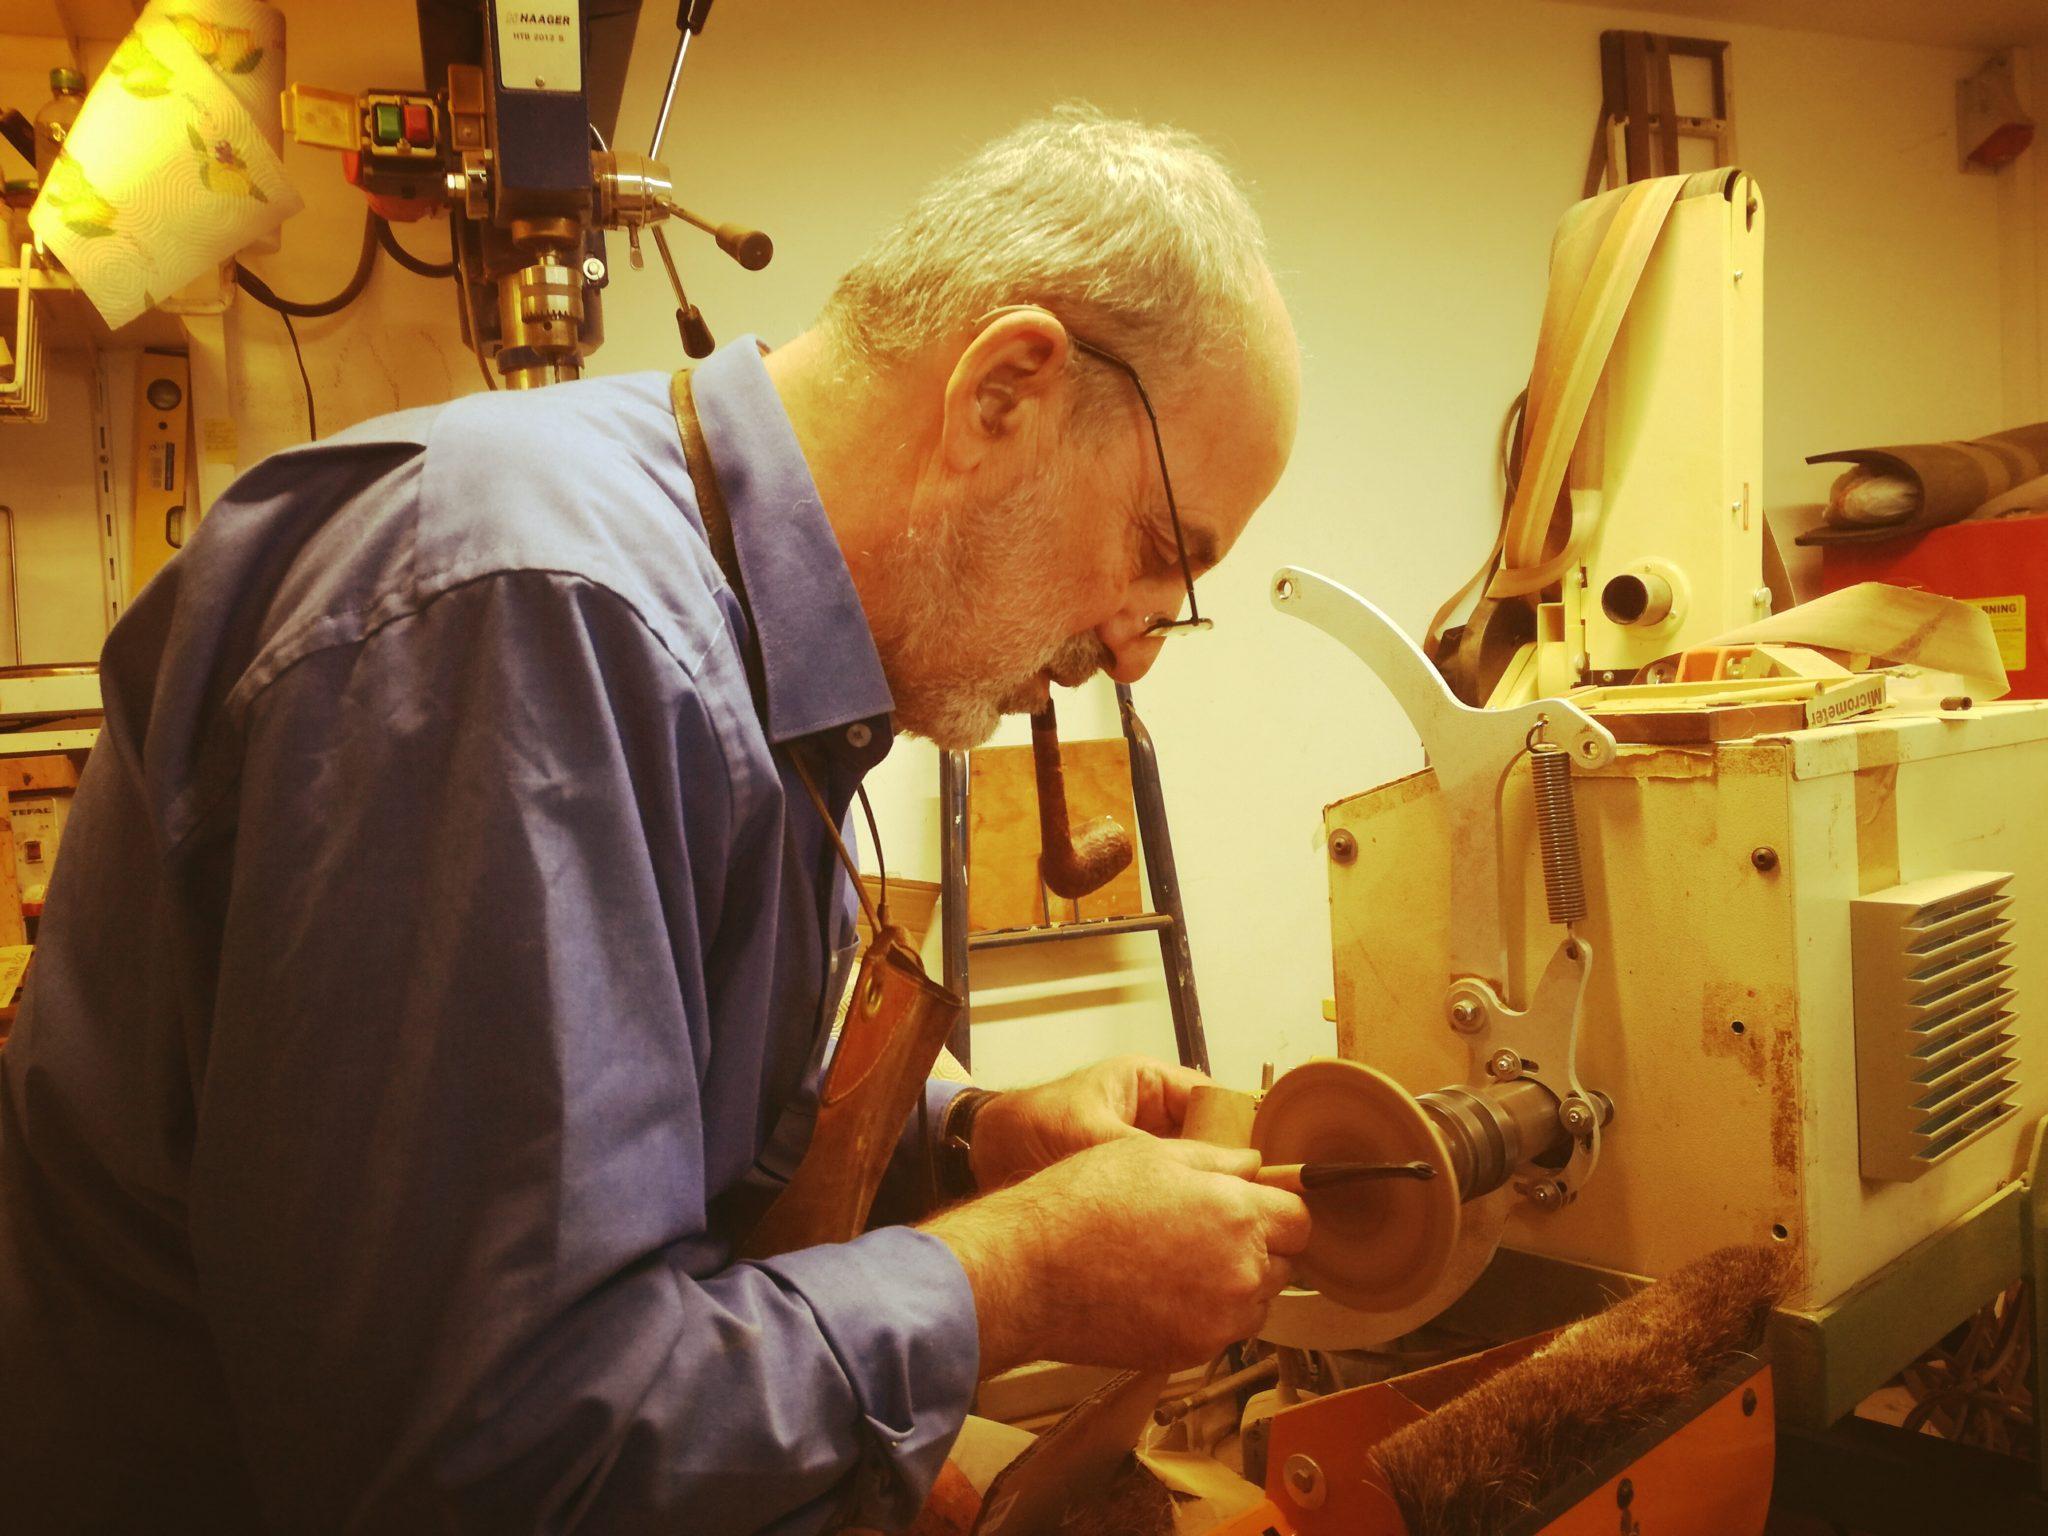 Negli anni 70 Bertram Safferling scoprì la pipa facendo l'autostop in Irlanda. Oggi a Bolzano il suo Atelier della Pipa è un luogo d'altri tempi